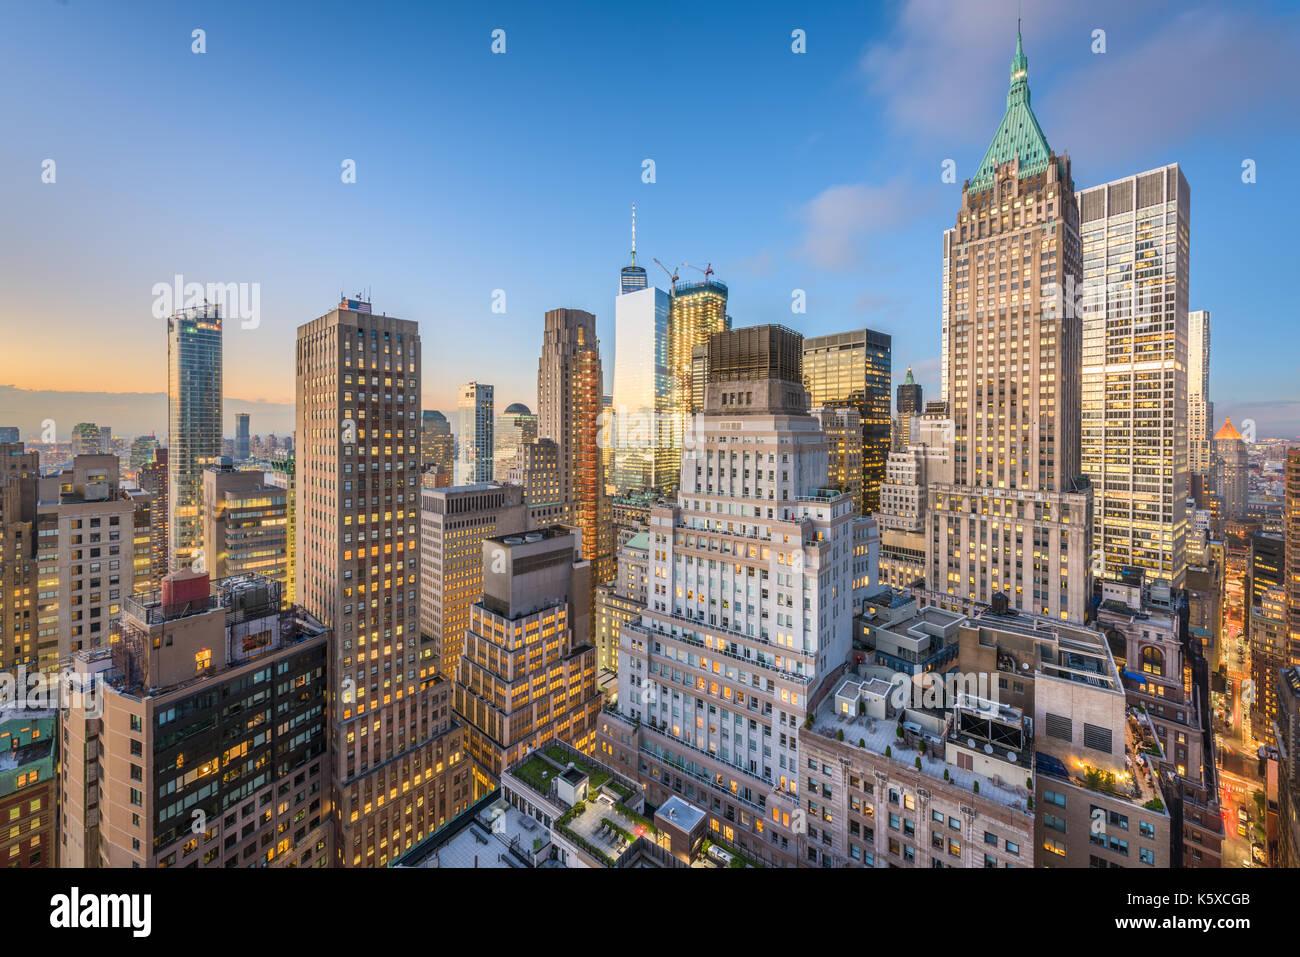 El distrito financiero de la ciudad de Nueva York ciudad en penumbra. Foto de stock